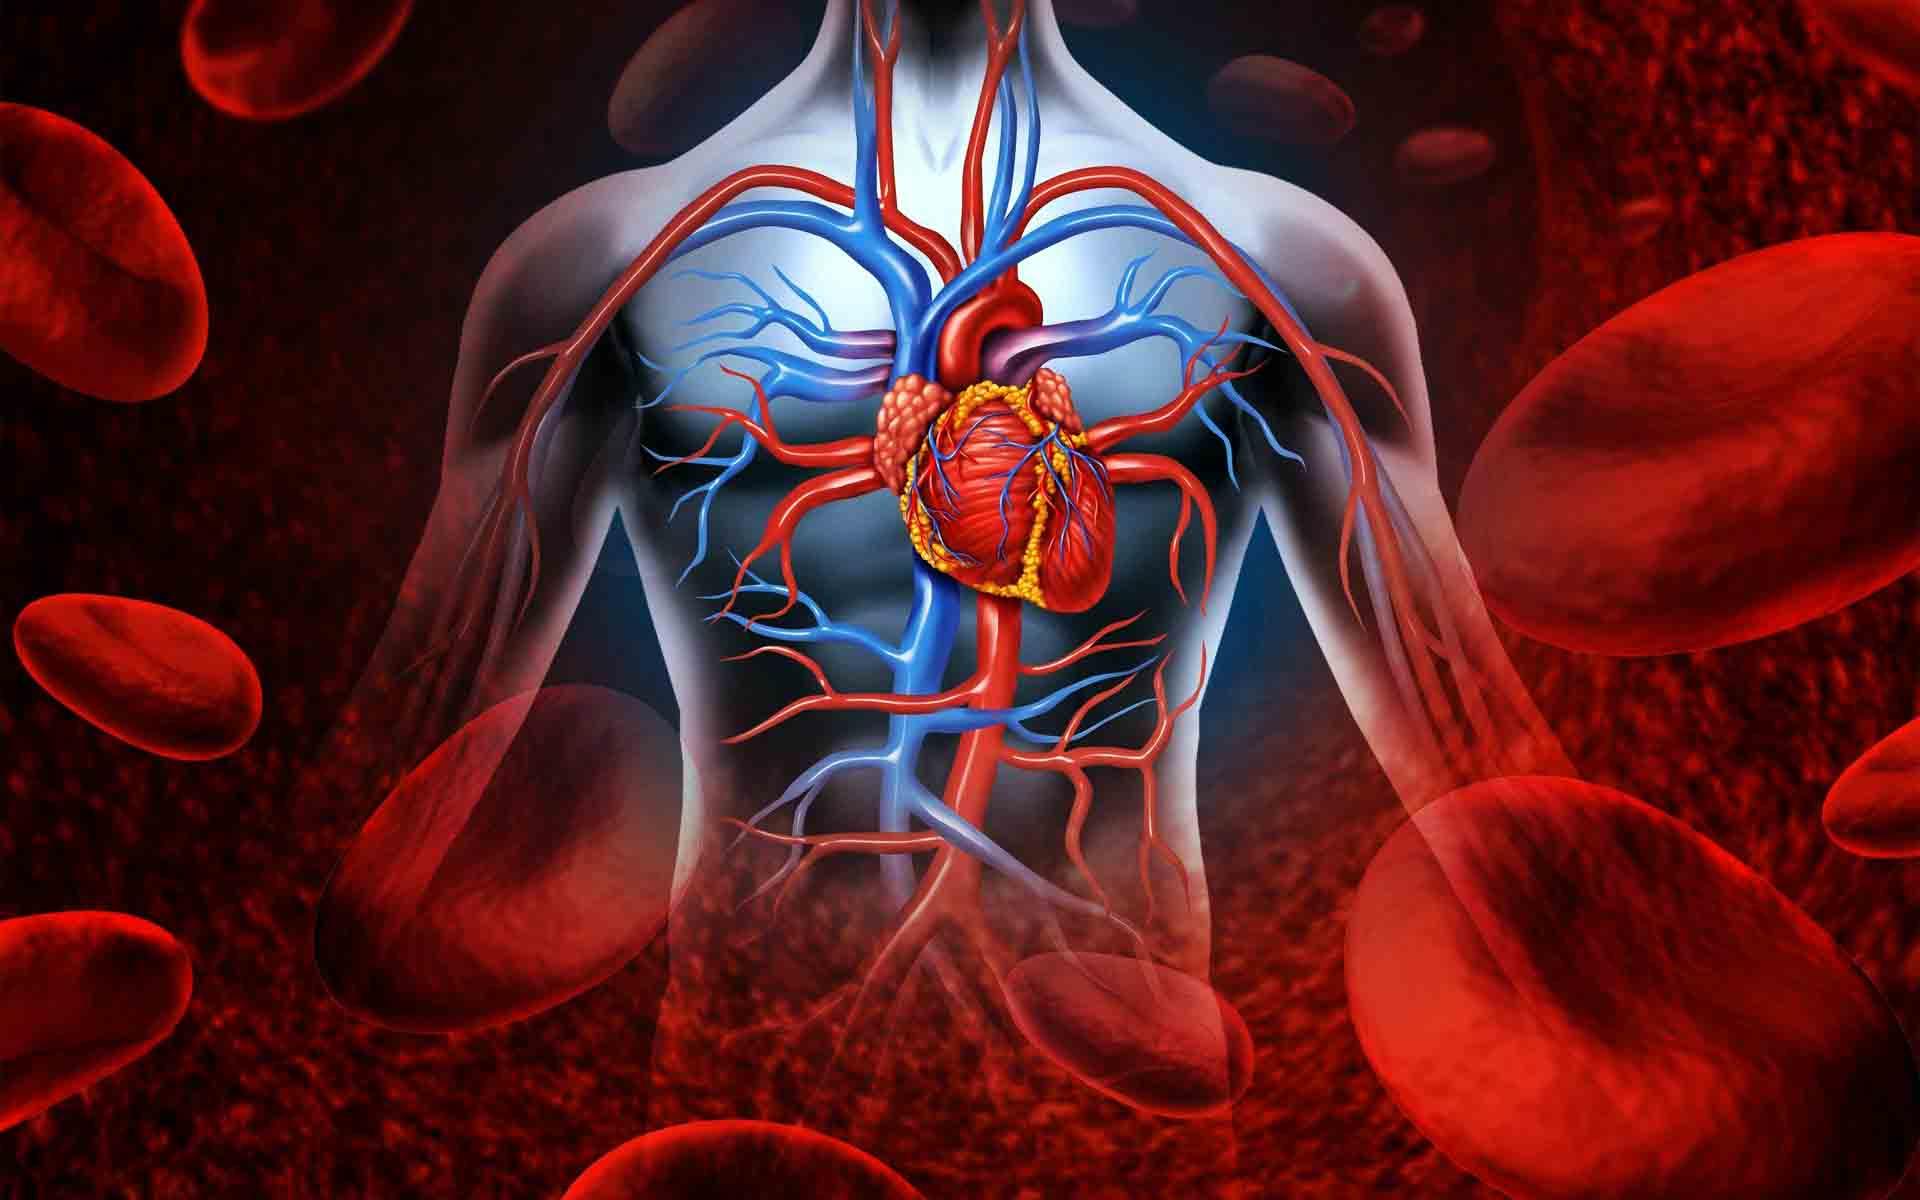 Как избавиться от высокого давления и болей в сердце?